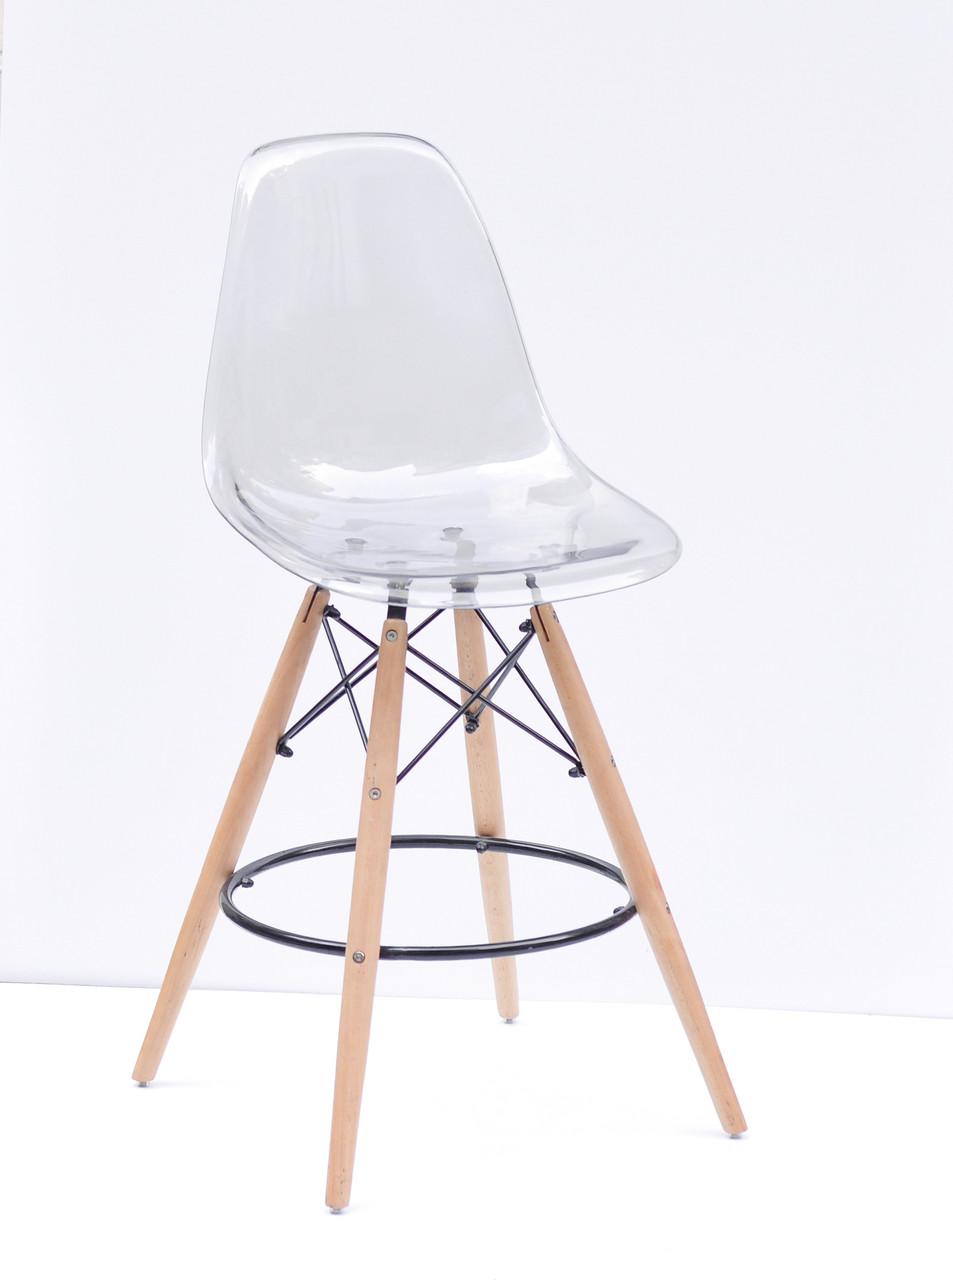 Стул барный дымчатое пластиковое сиденье c подставкой для ног Nik BAR Carbon